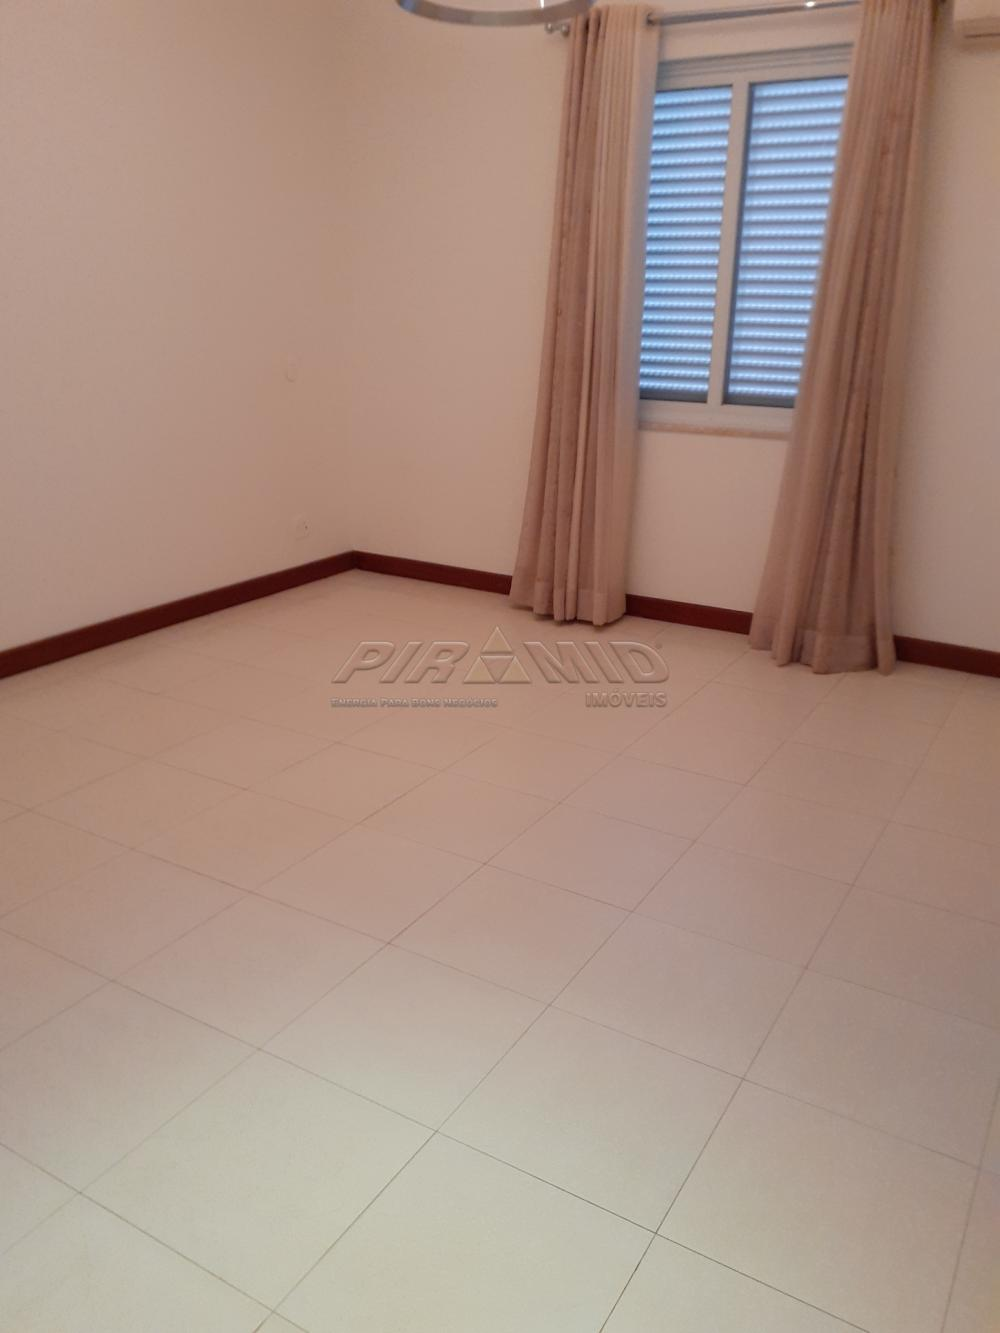 Comprar Casa / Condomínio em Ribeirão Preto apenas R$ 4.800.000,00 - Foto 28